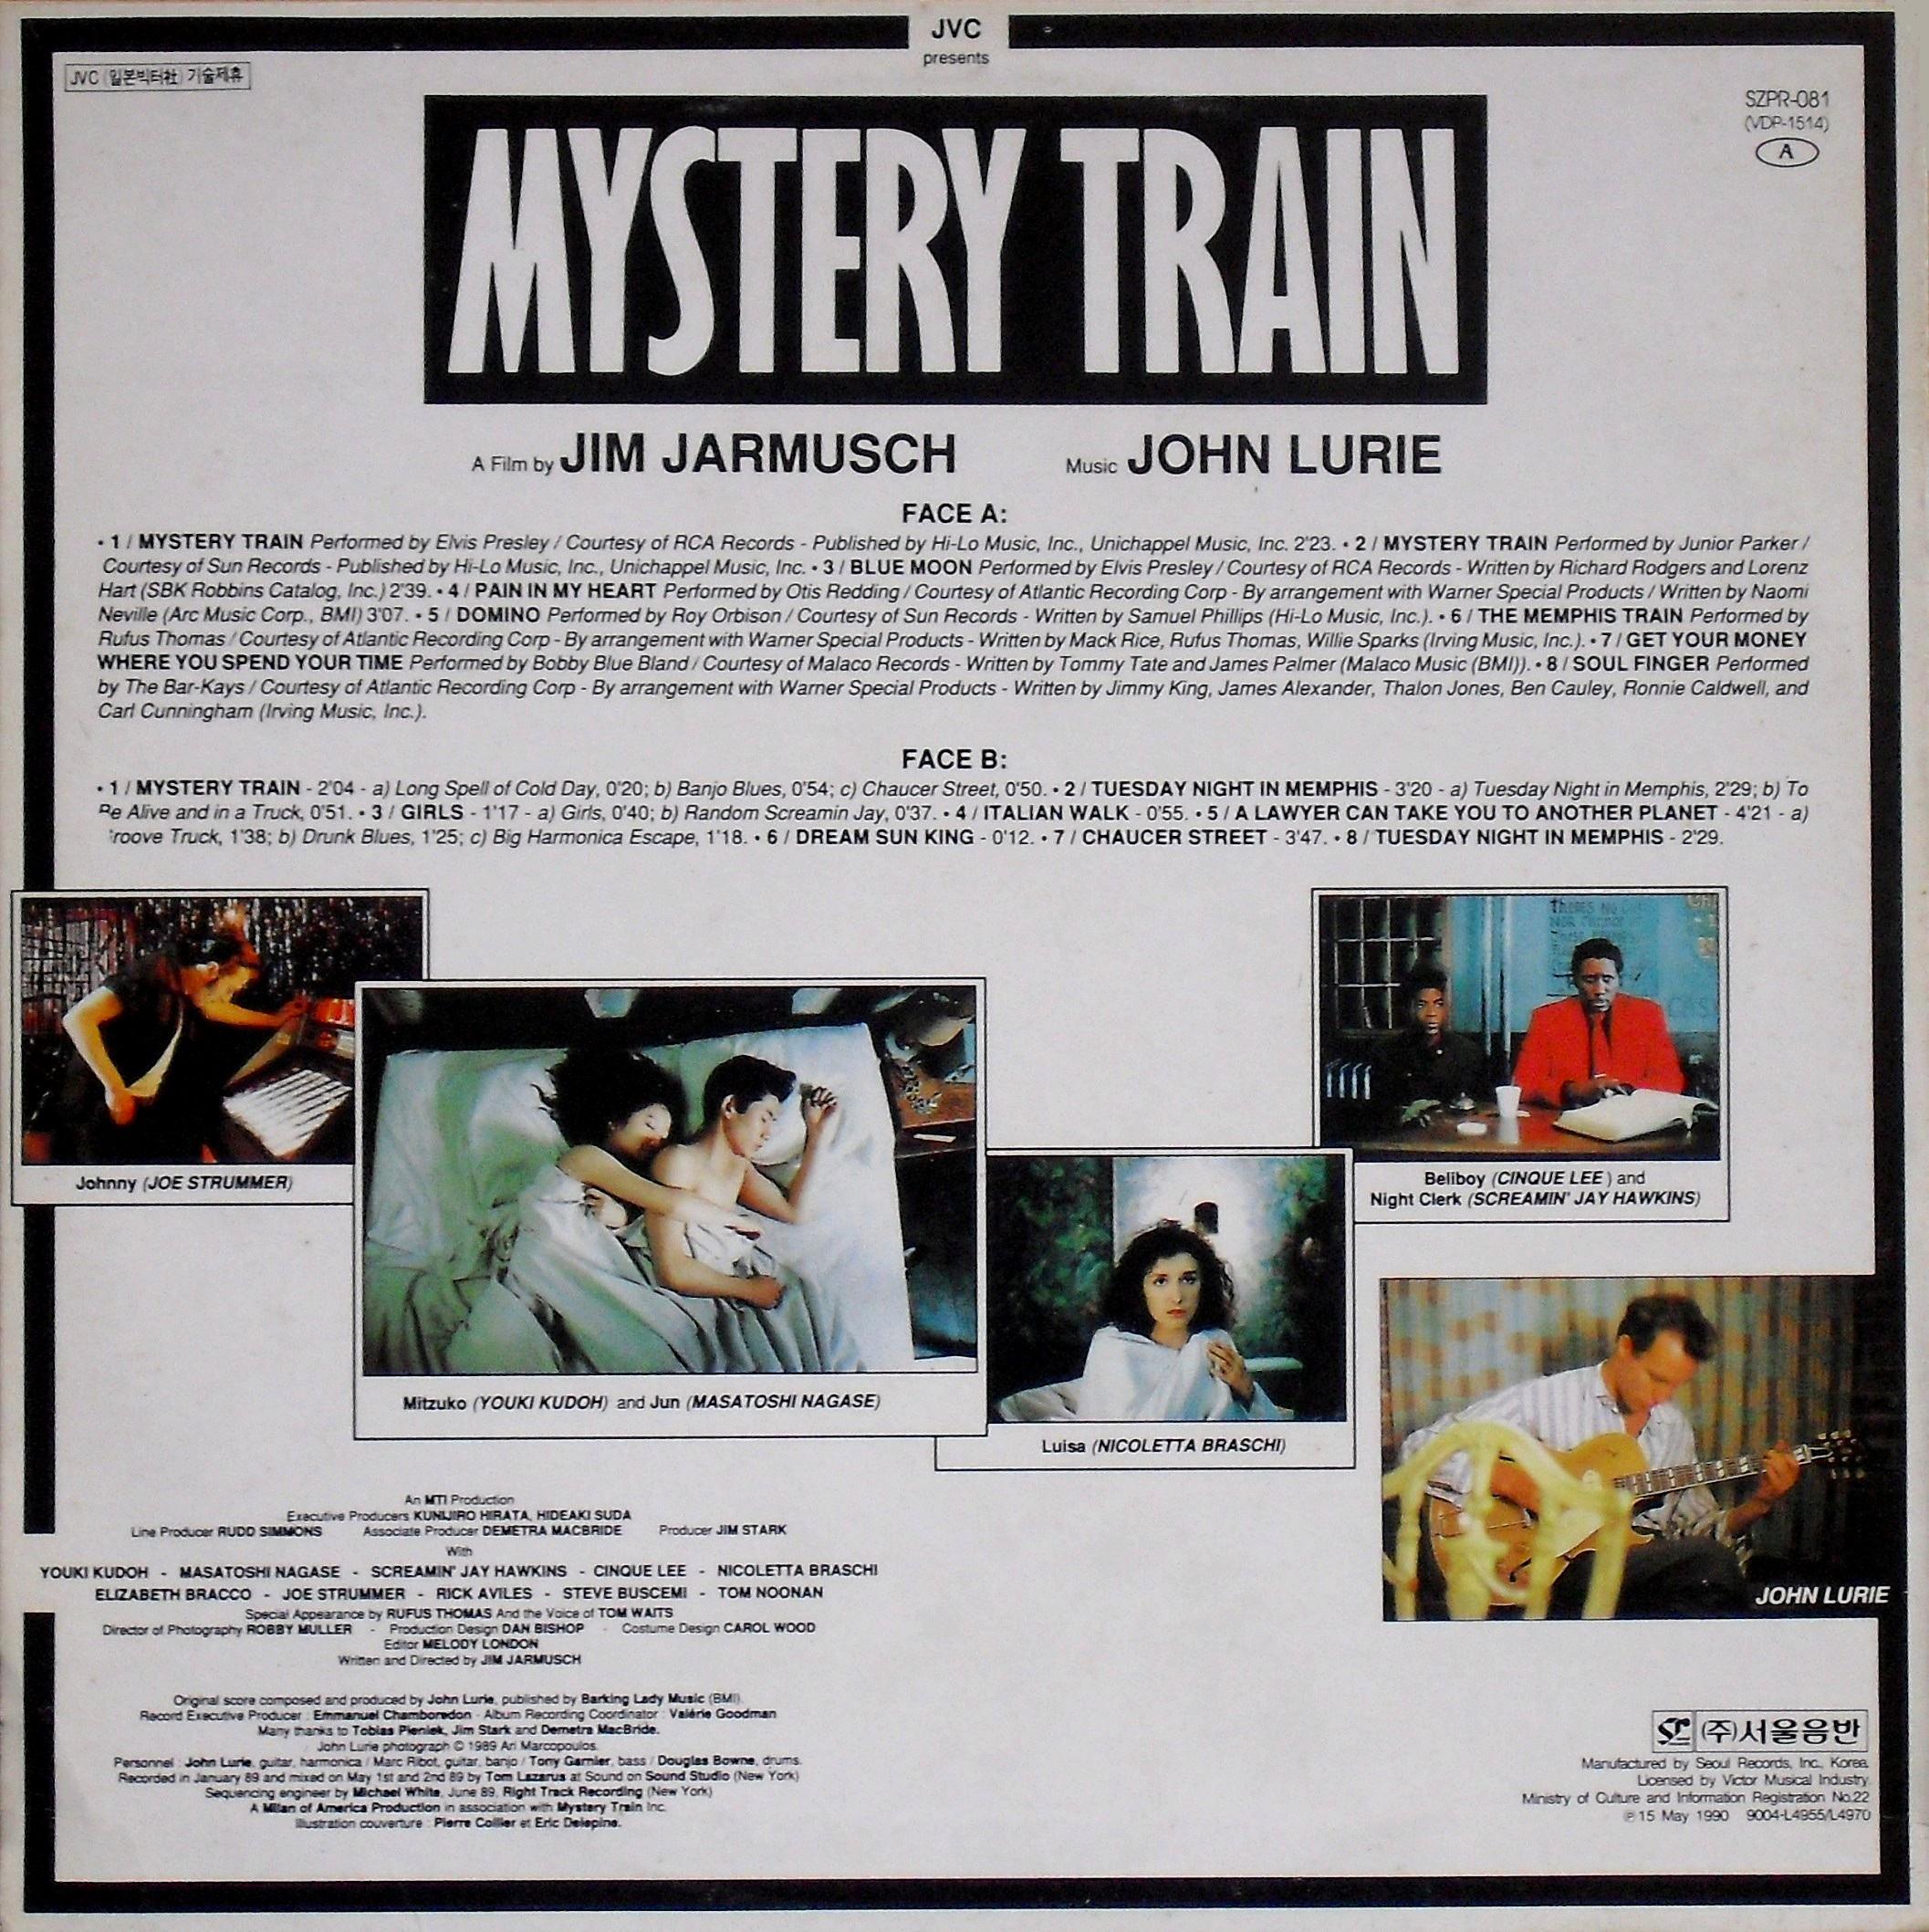 MYSTERY TRAIN 022zu0l